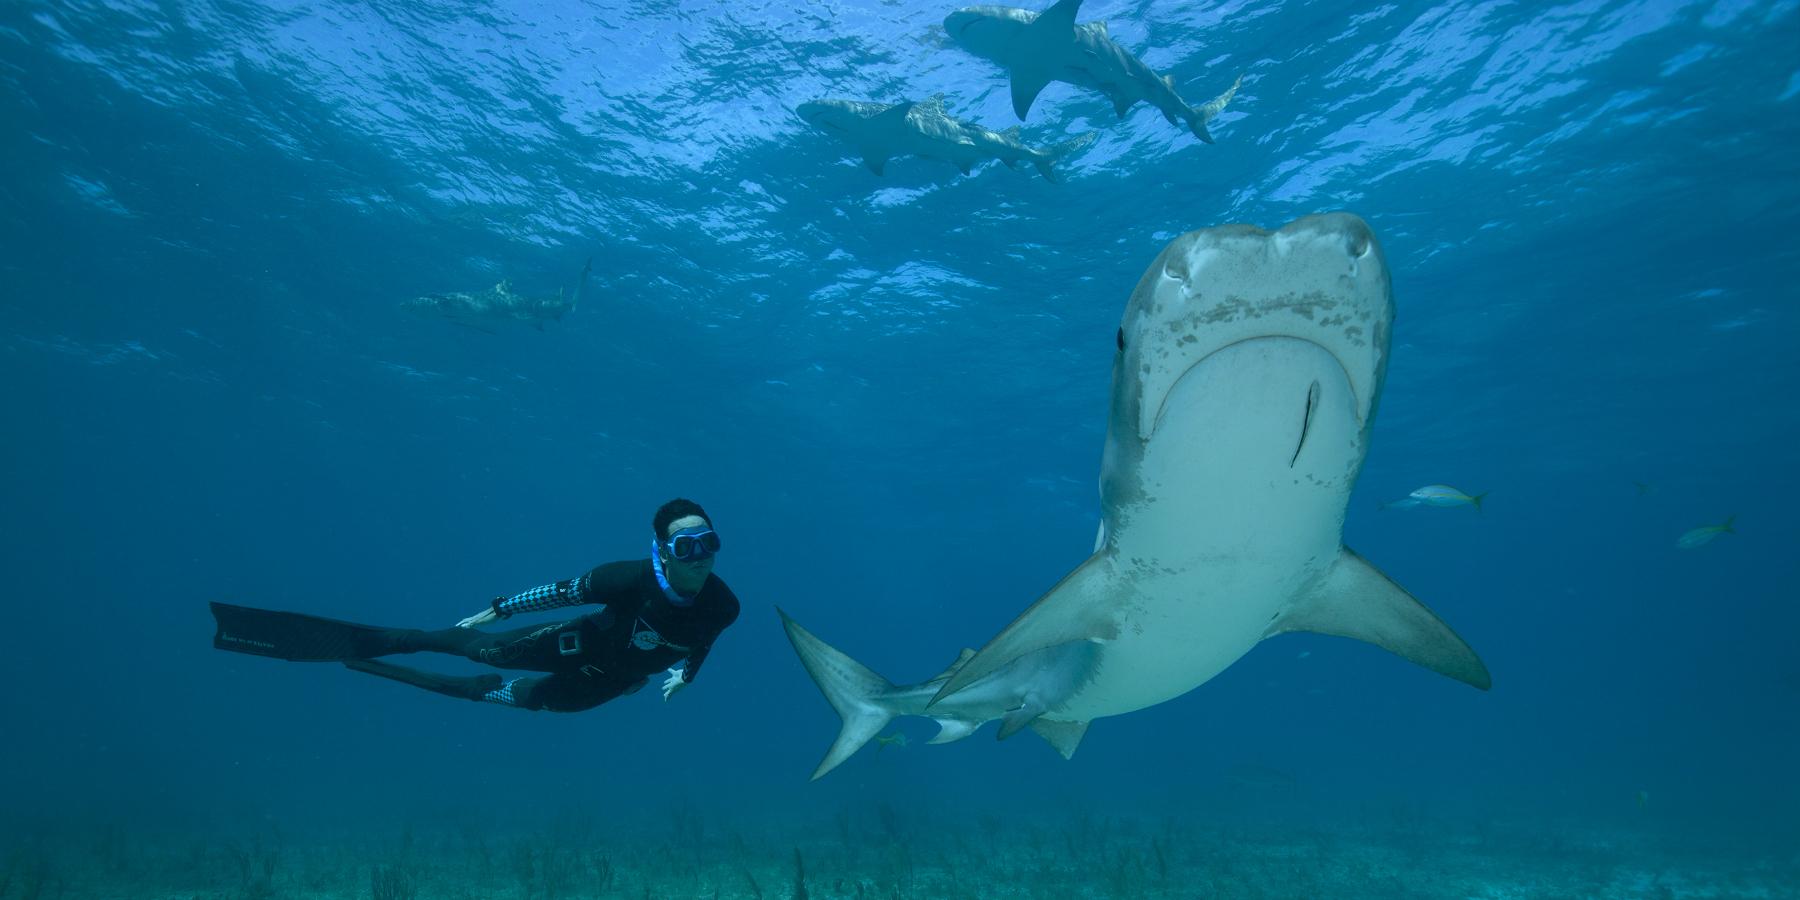 OnALongBreath03 - 'Le temps d'une apnée', plongez au cœur des océans avec Pierre Frolla